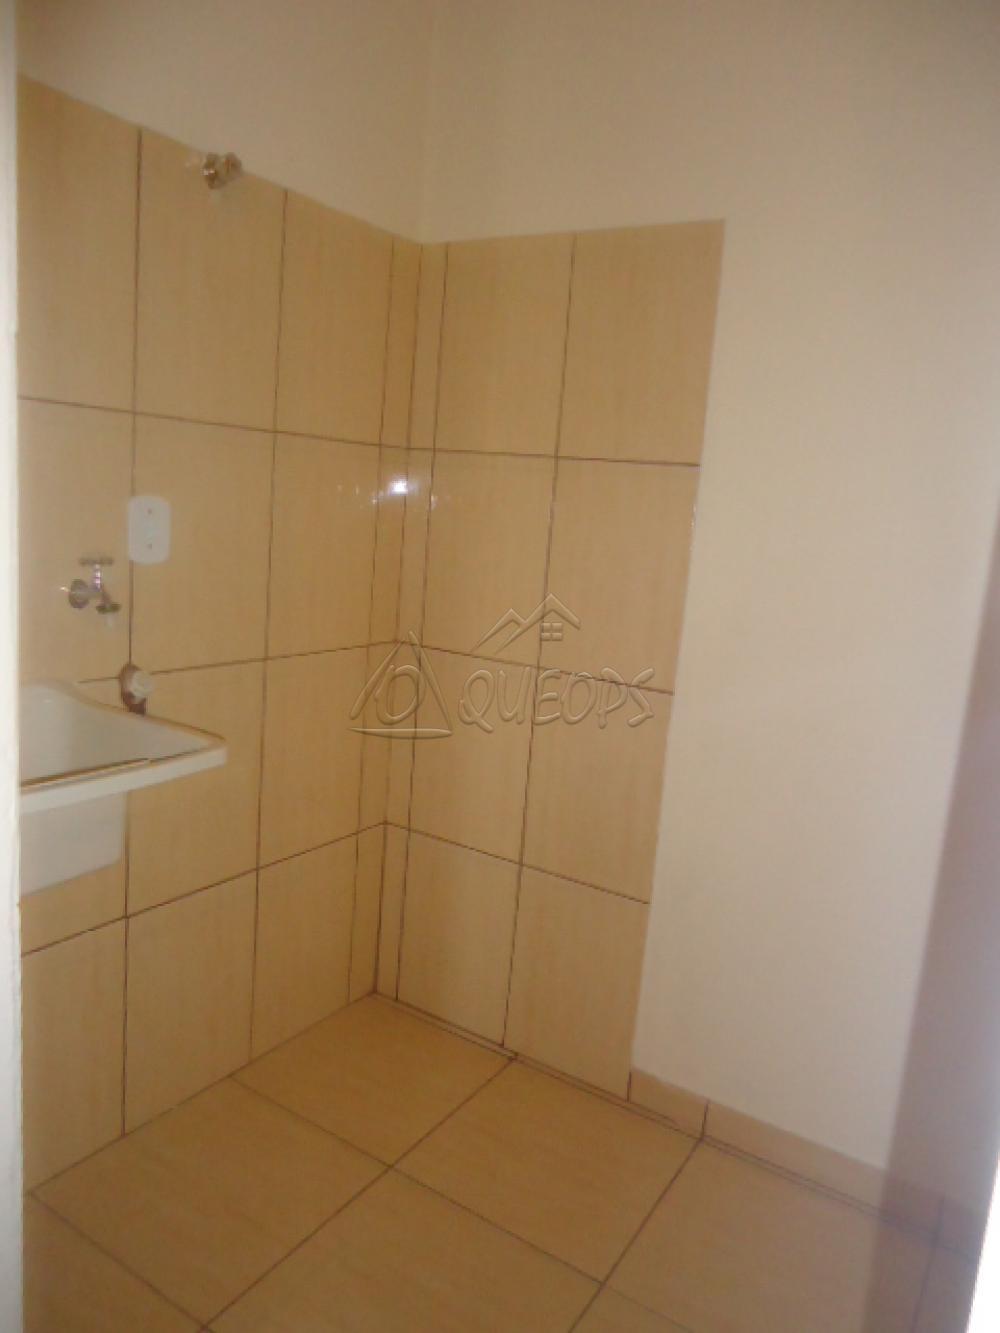 Comprar Casa / Padrão em Barretos apenas R$ 460.000,00 - Foto 13